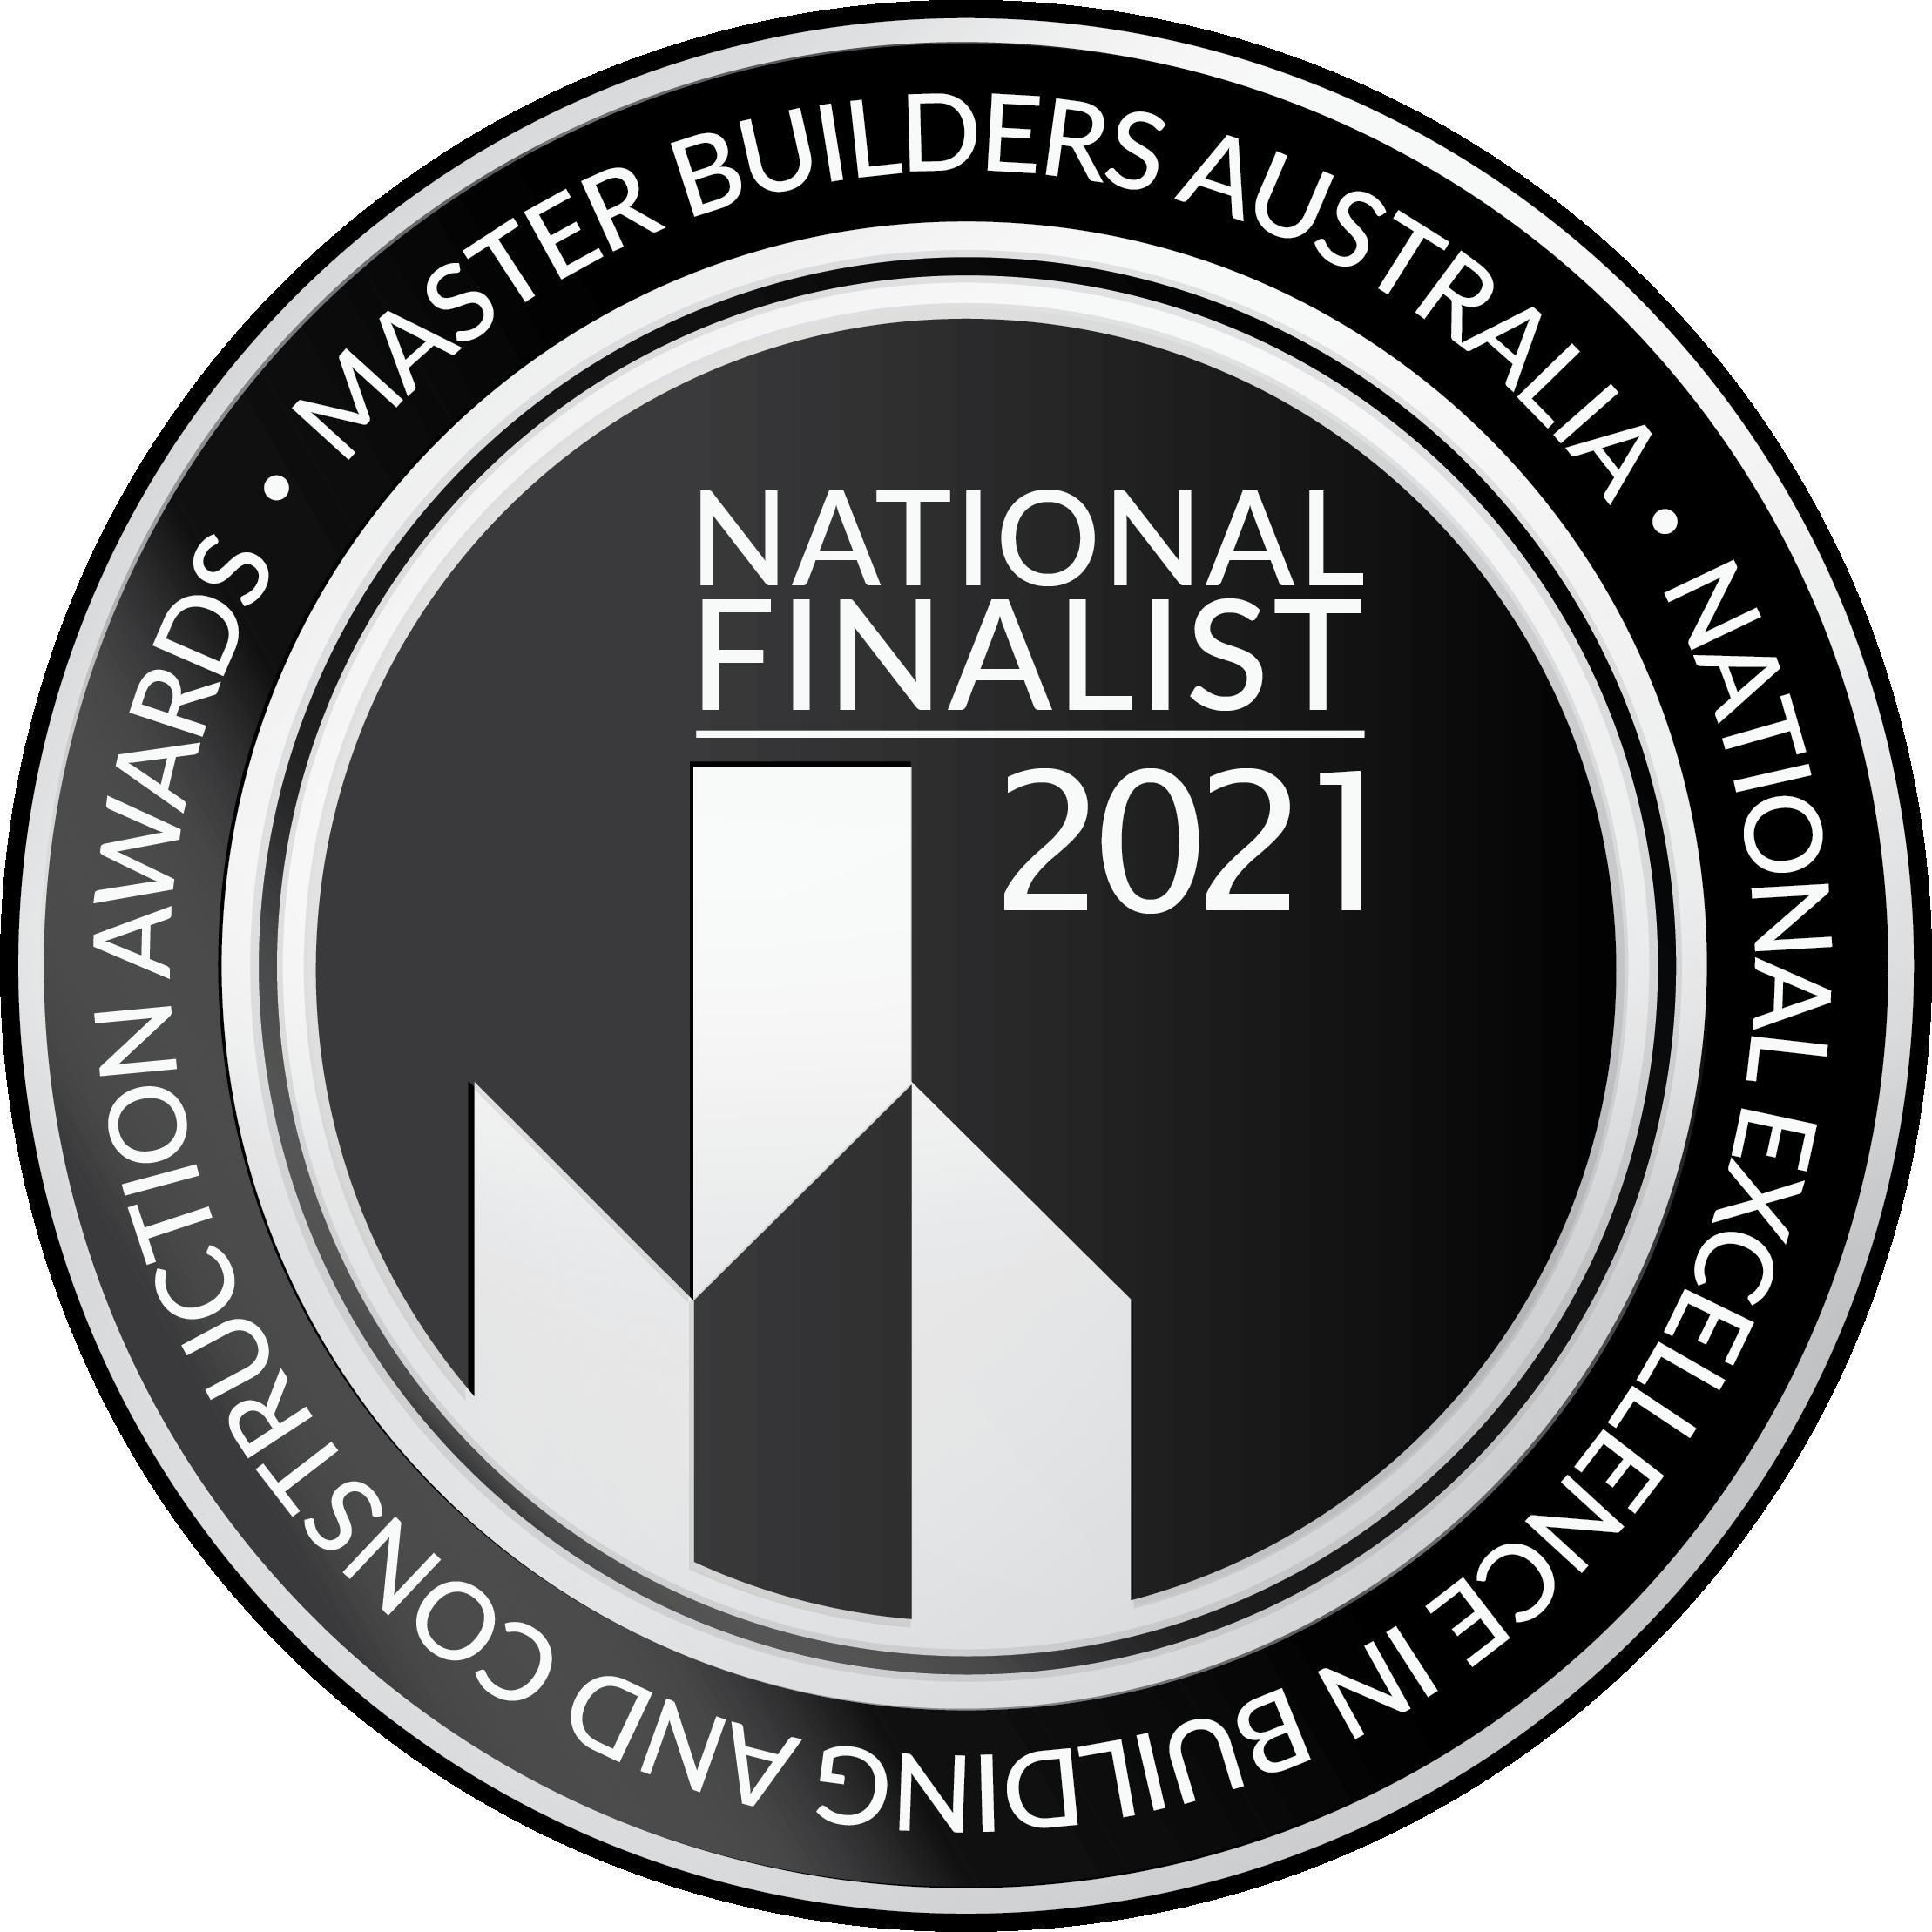 a finalist award badge